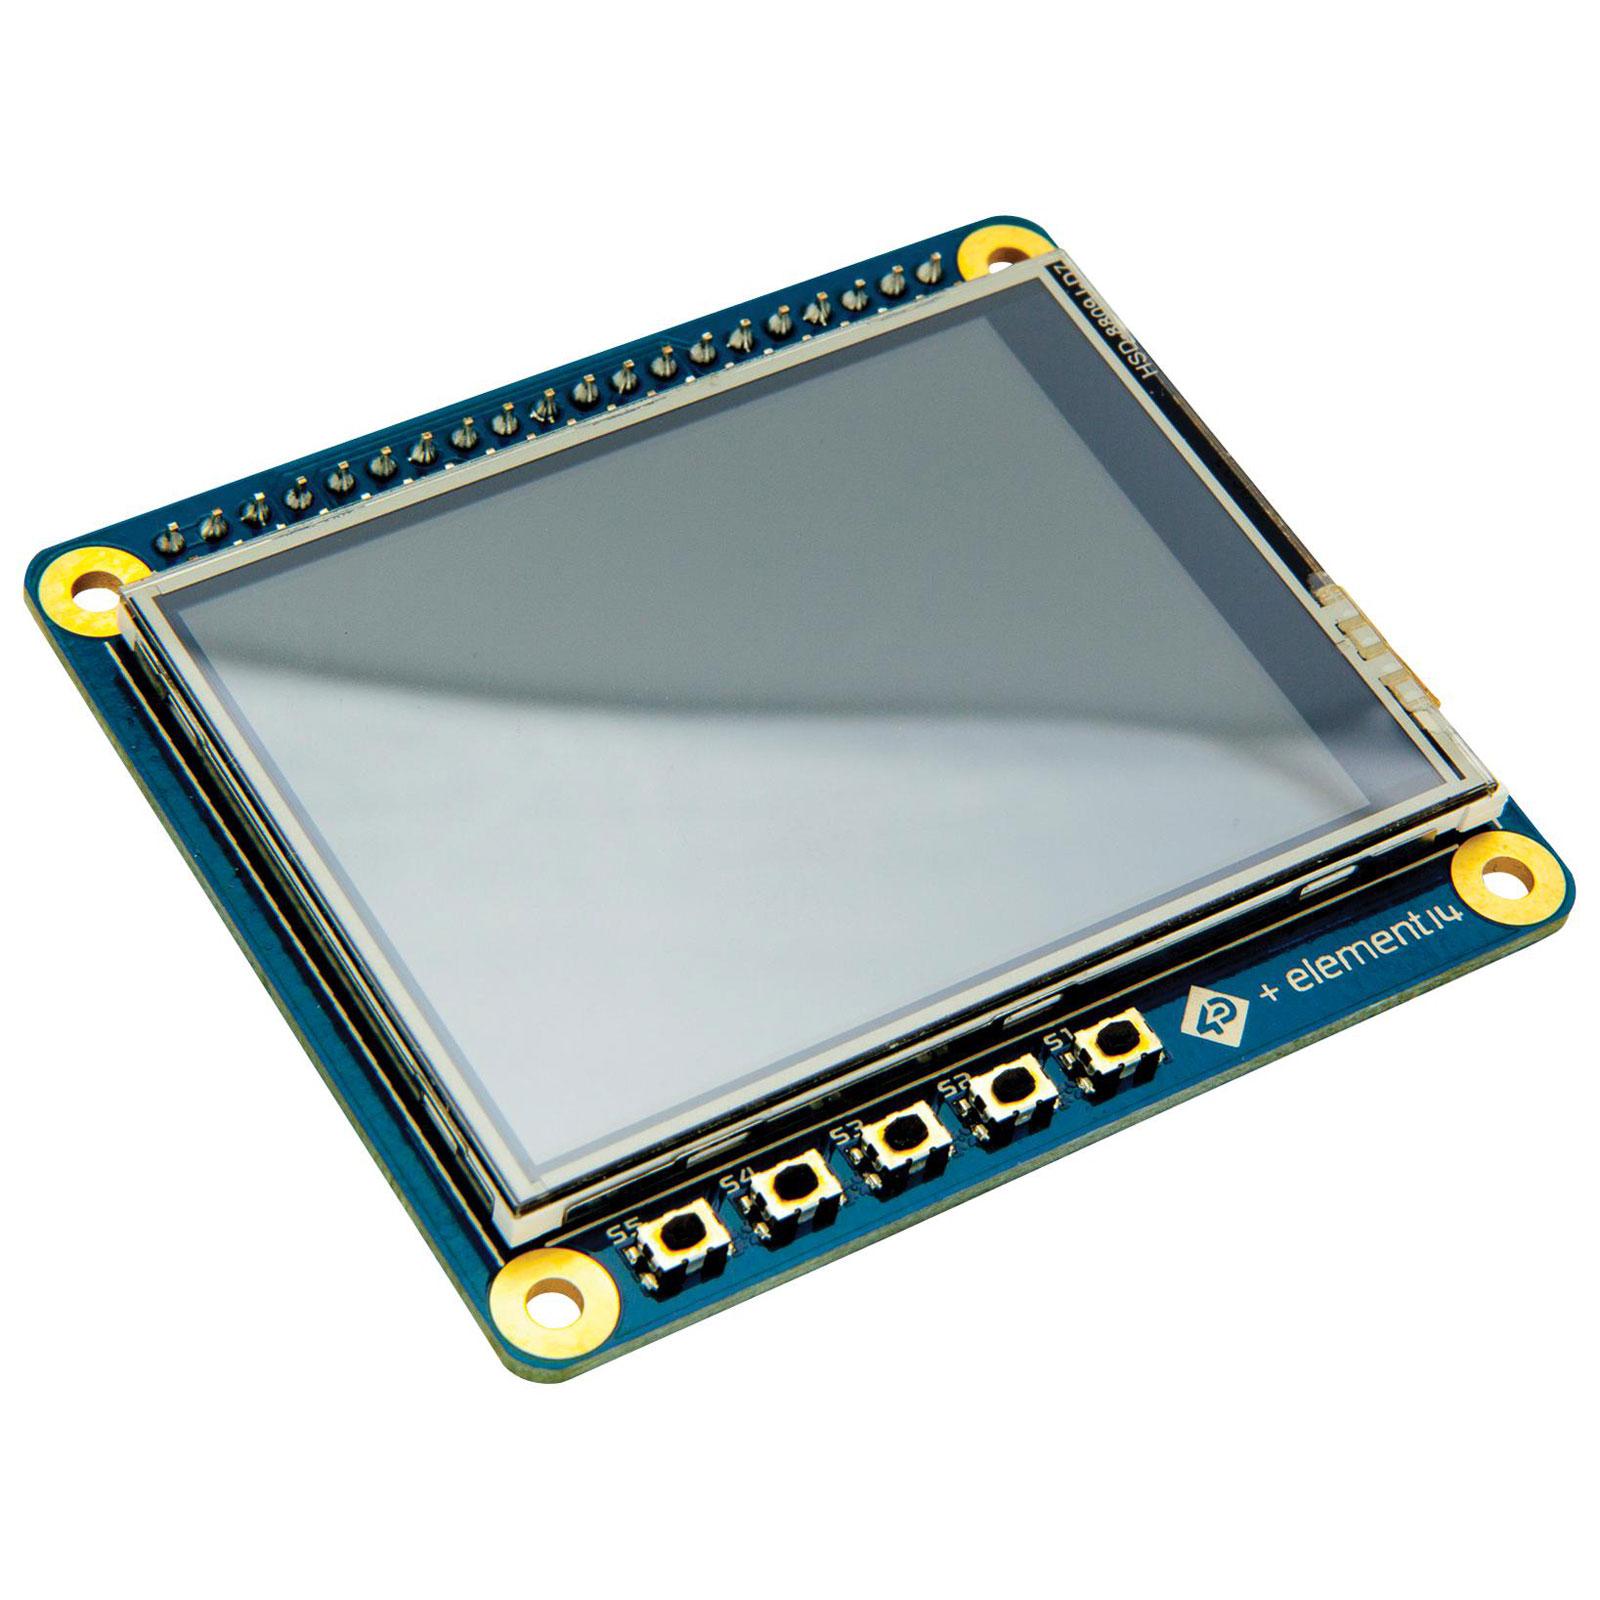 Ecran PC 4D Systems HAT Display for Raspberry Pi Ecran tactile 2.4'' 240 x 320 pixels (compatible Raspberry Pi)